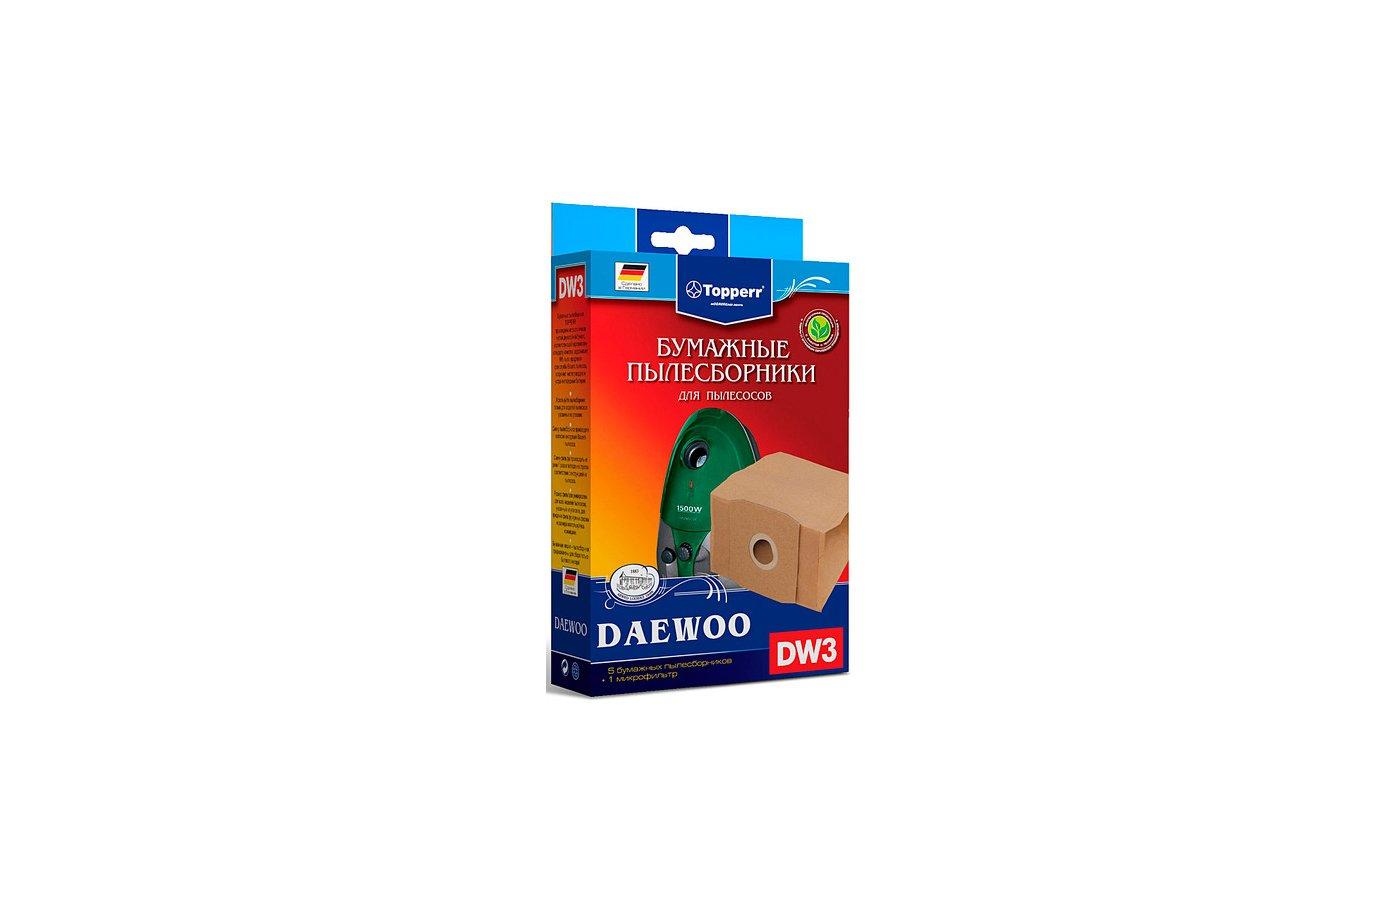 Пылесборники TOPPERR 1003 DW 3 для Daewoo 5шт